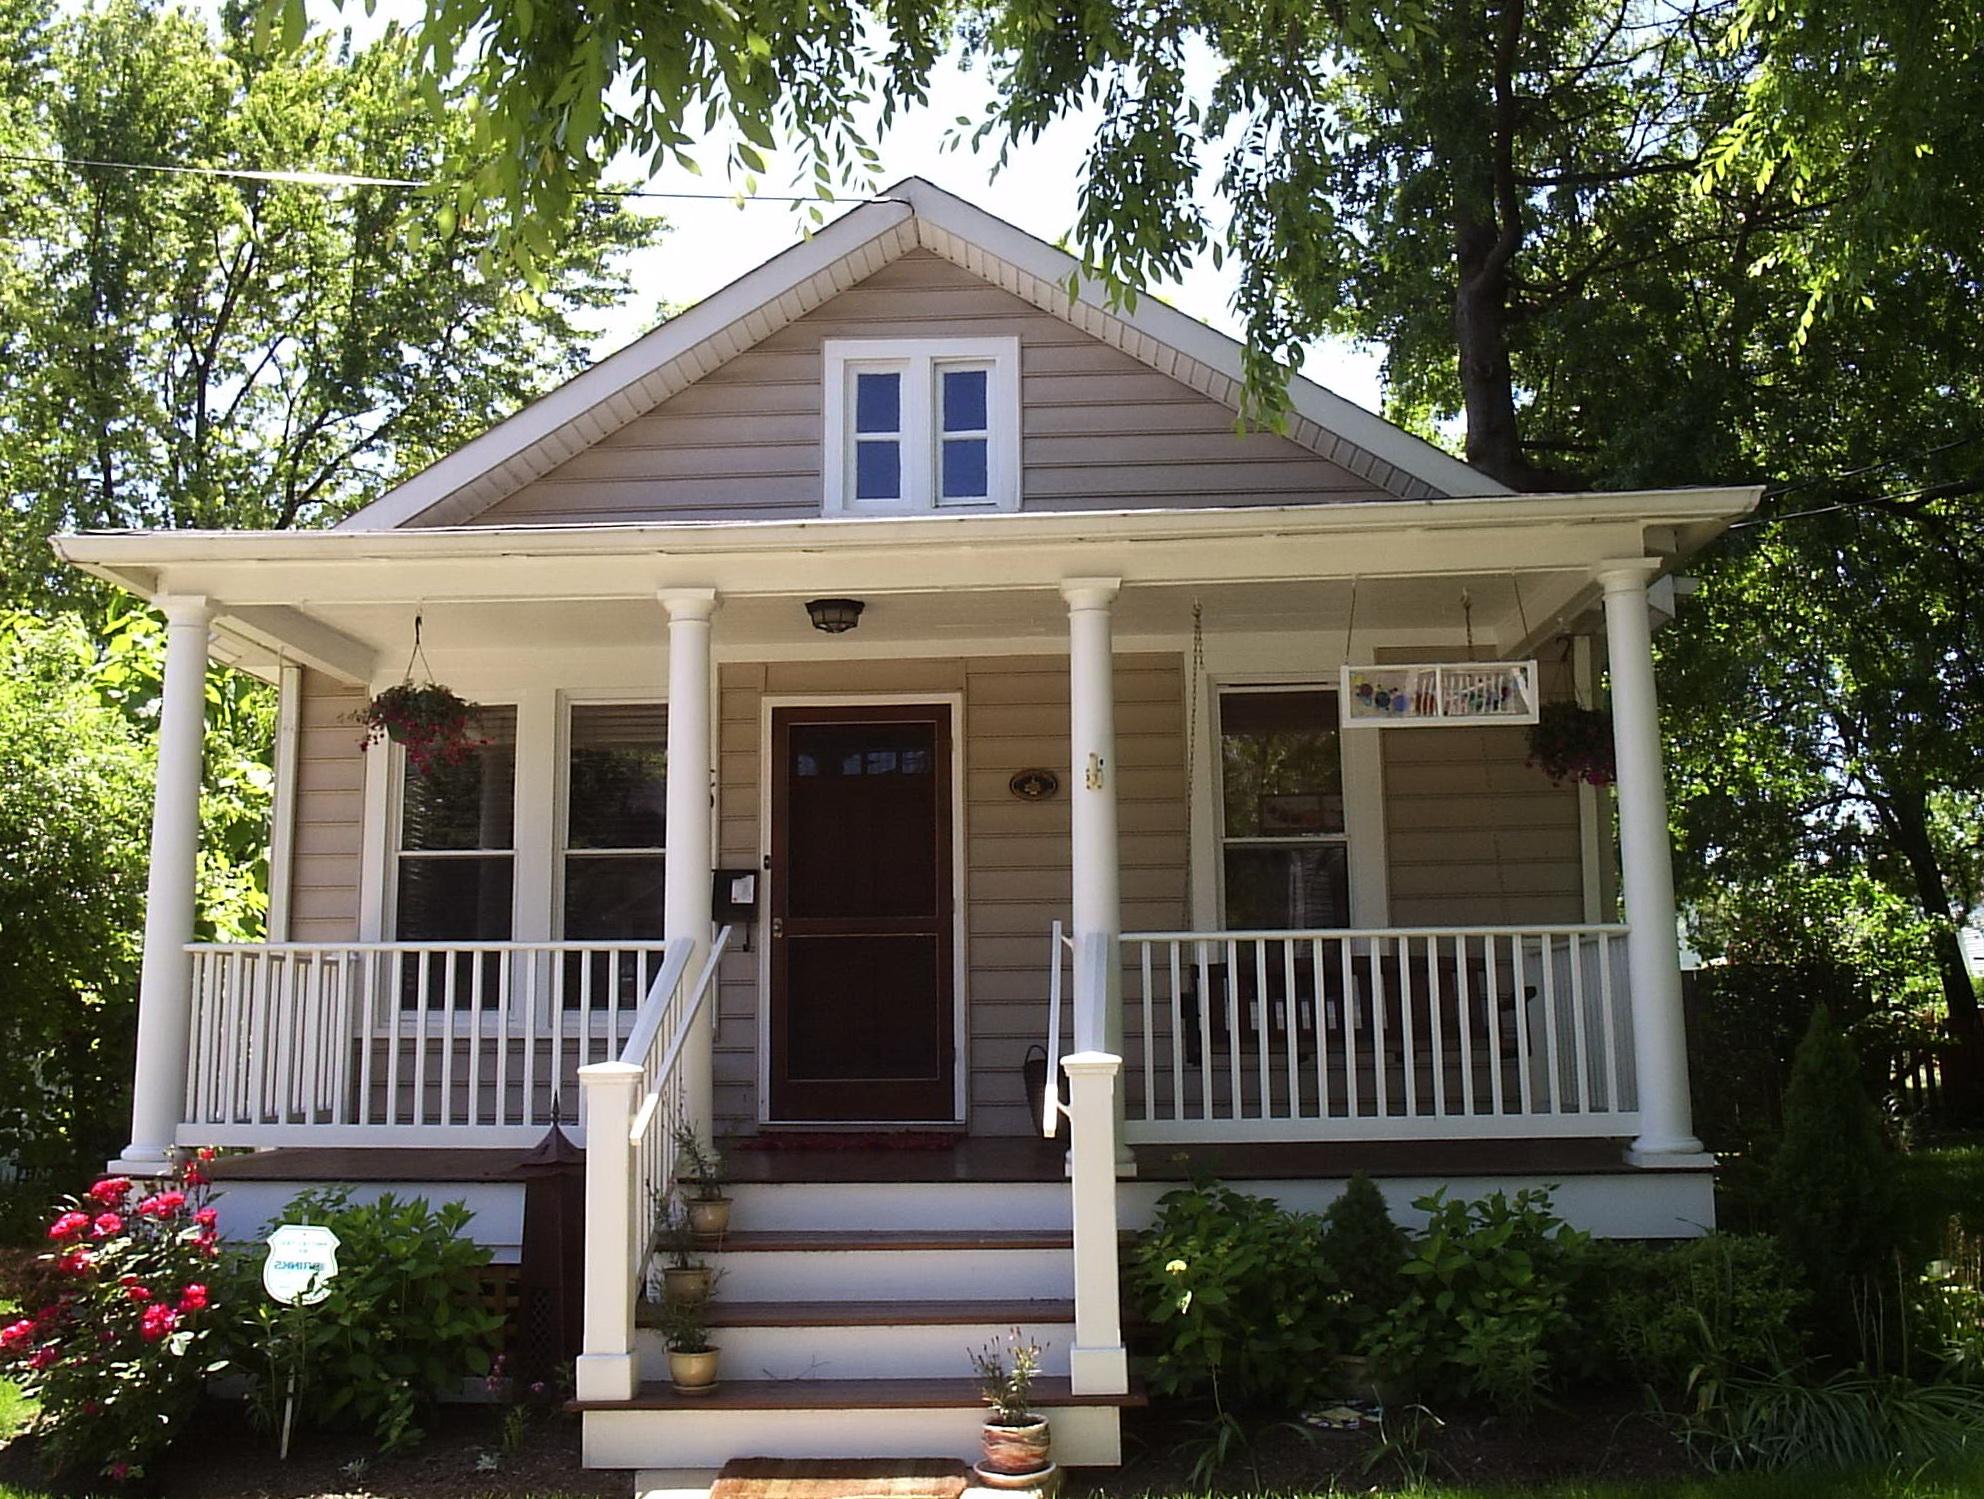 Bungalow Front Porch Addition Home Design Ideas